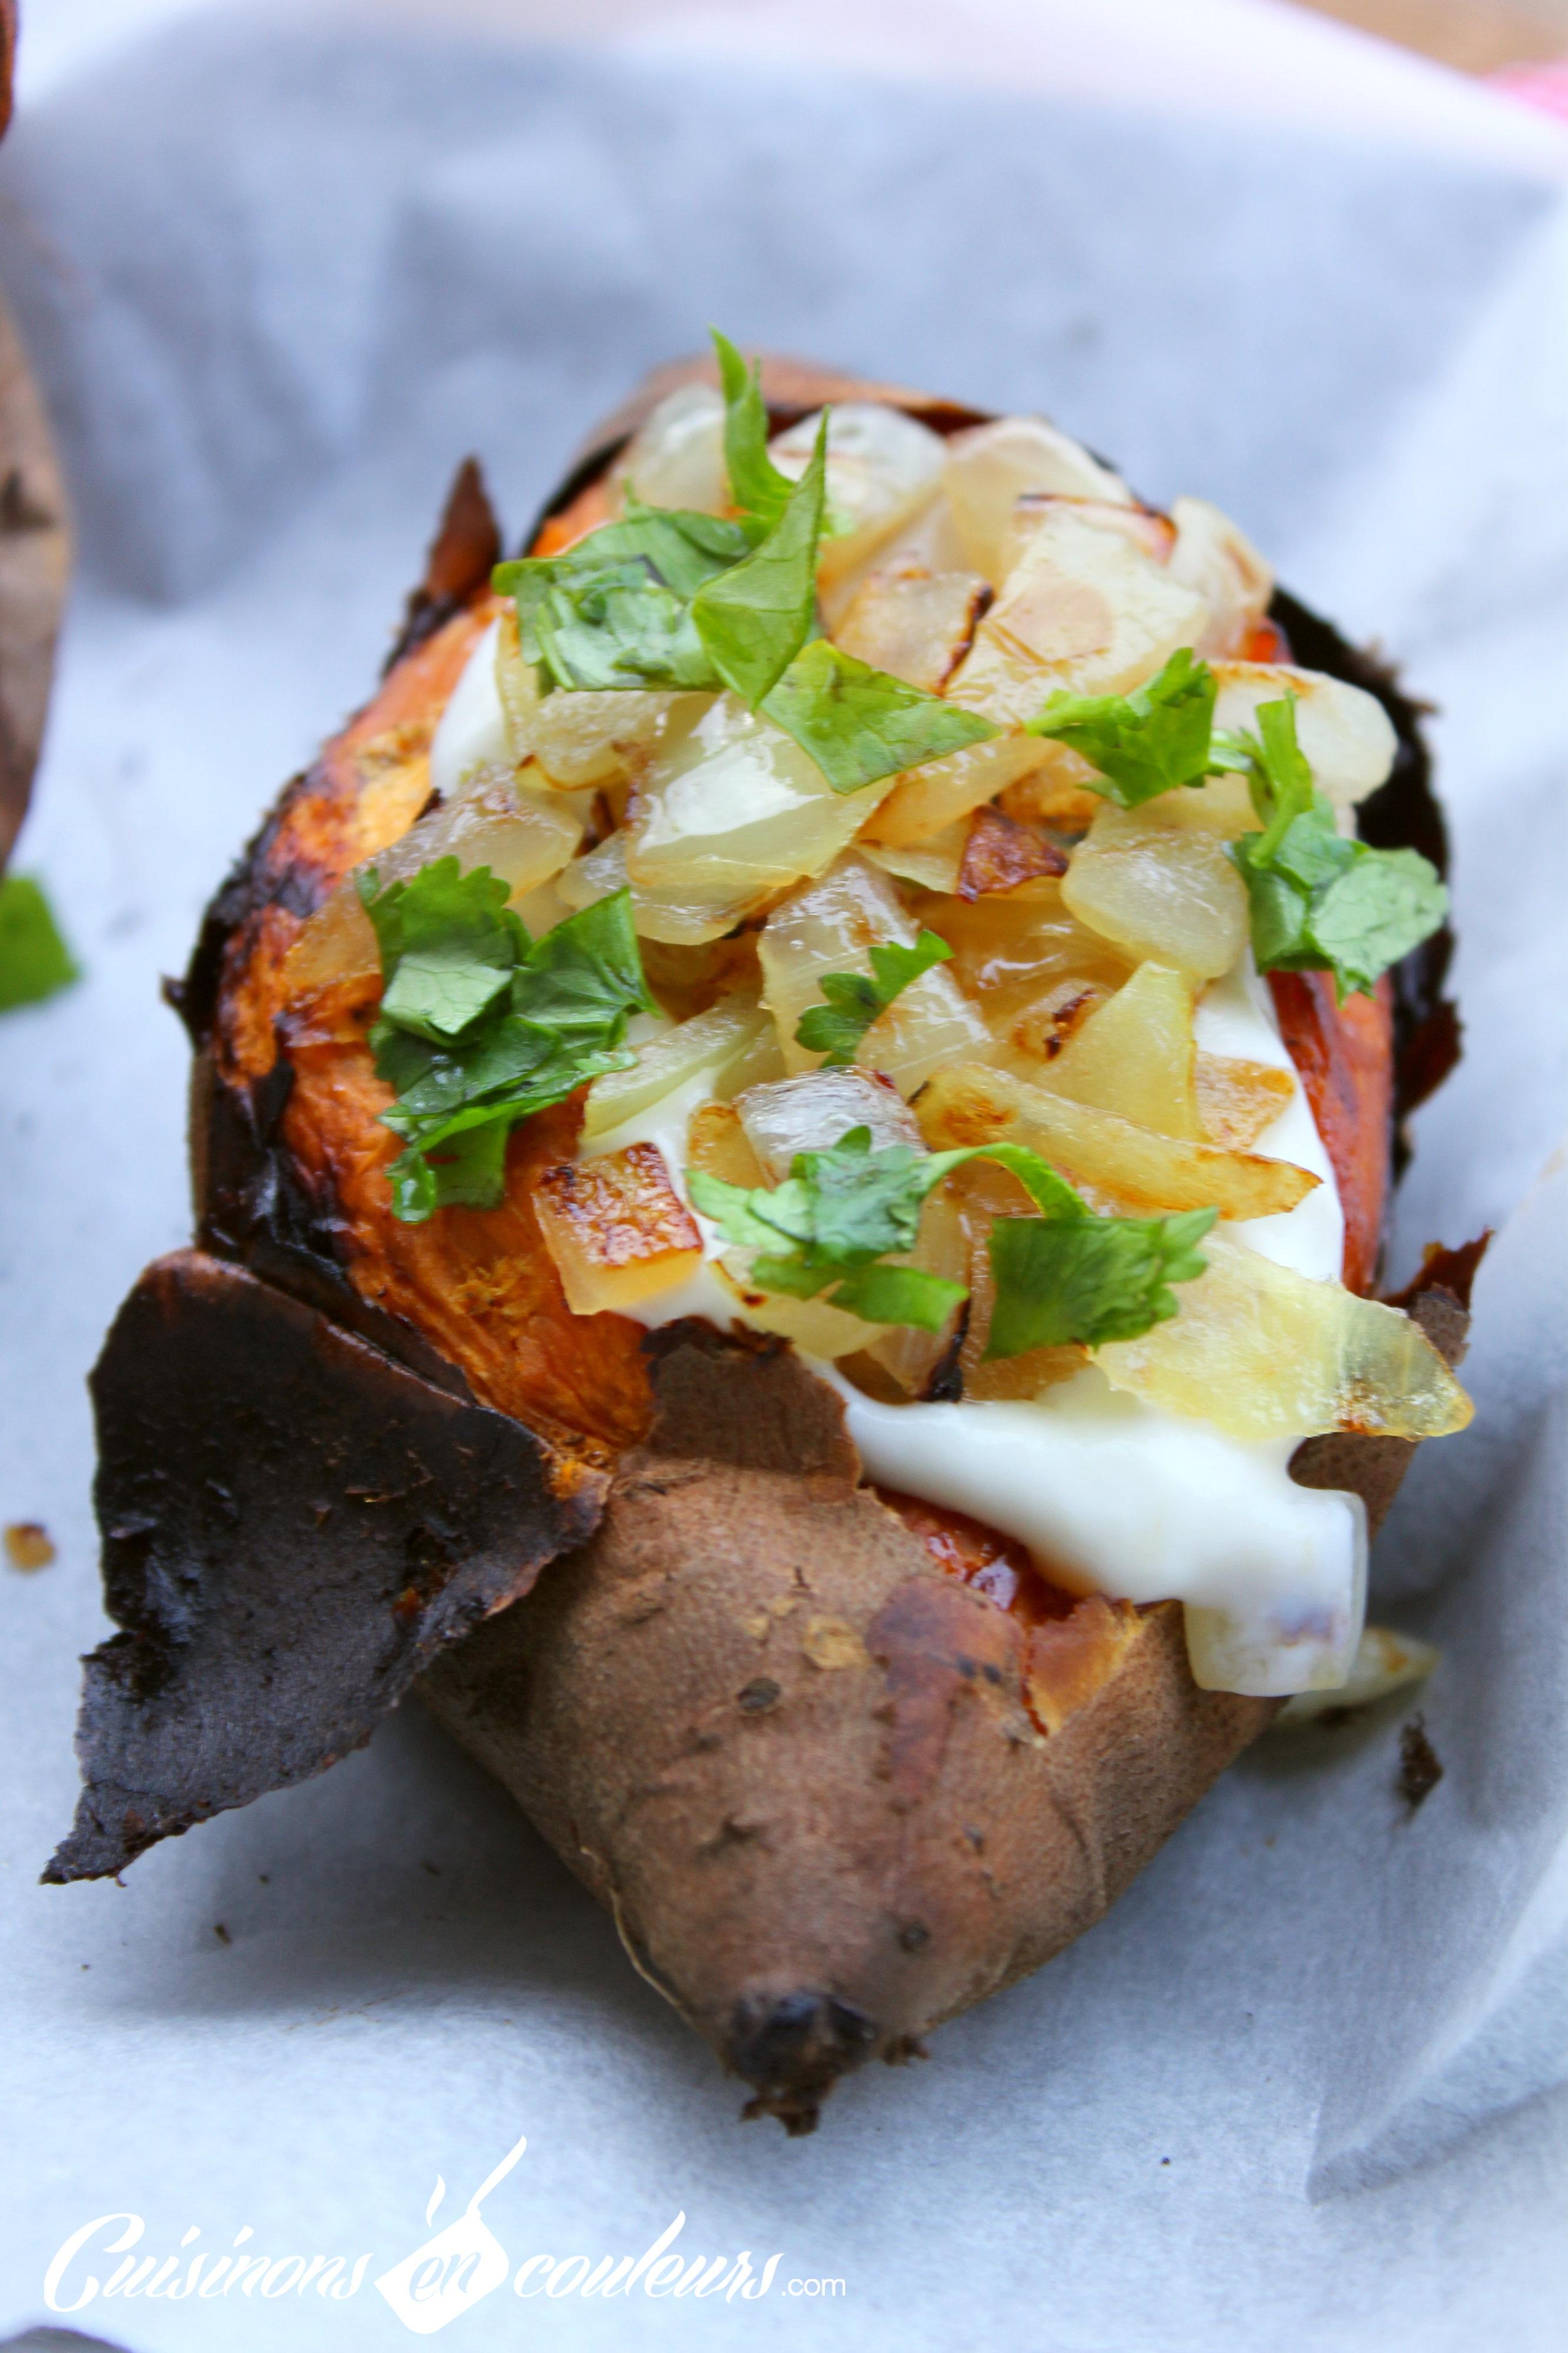 Patates douces r ties au four cuisinons en couleurs - Comment cuisiner la patate douce a la poele ...